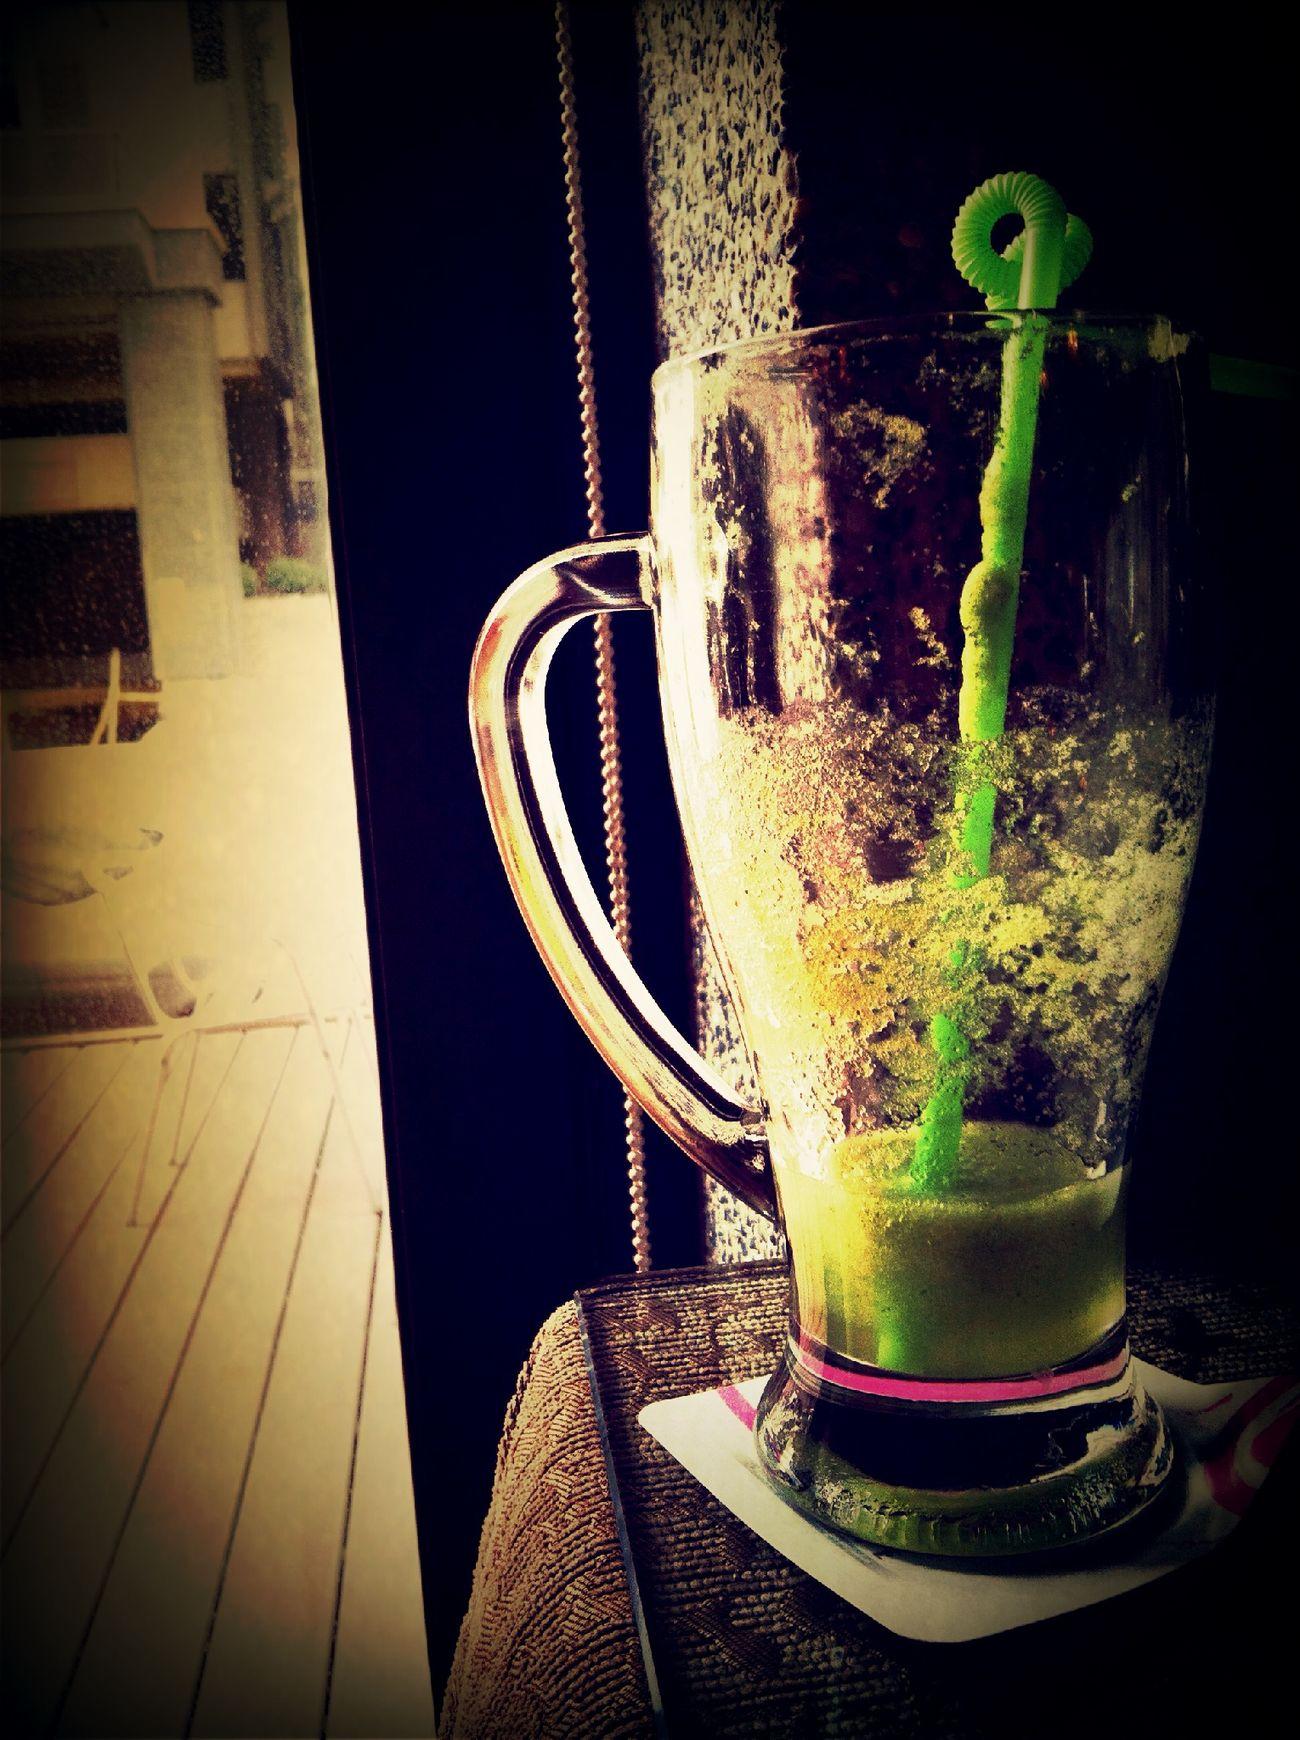 Tea at 風尚人文咖啡館 Tea